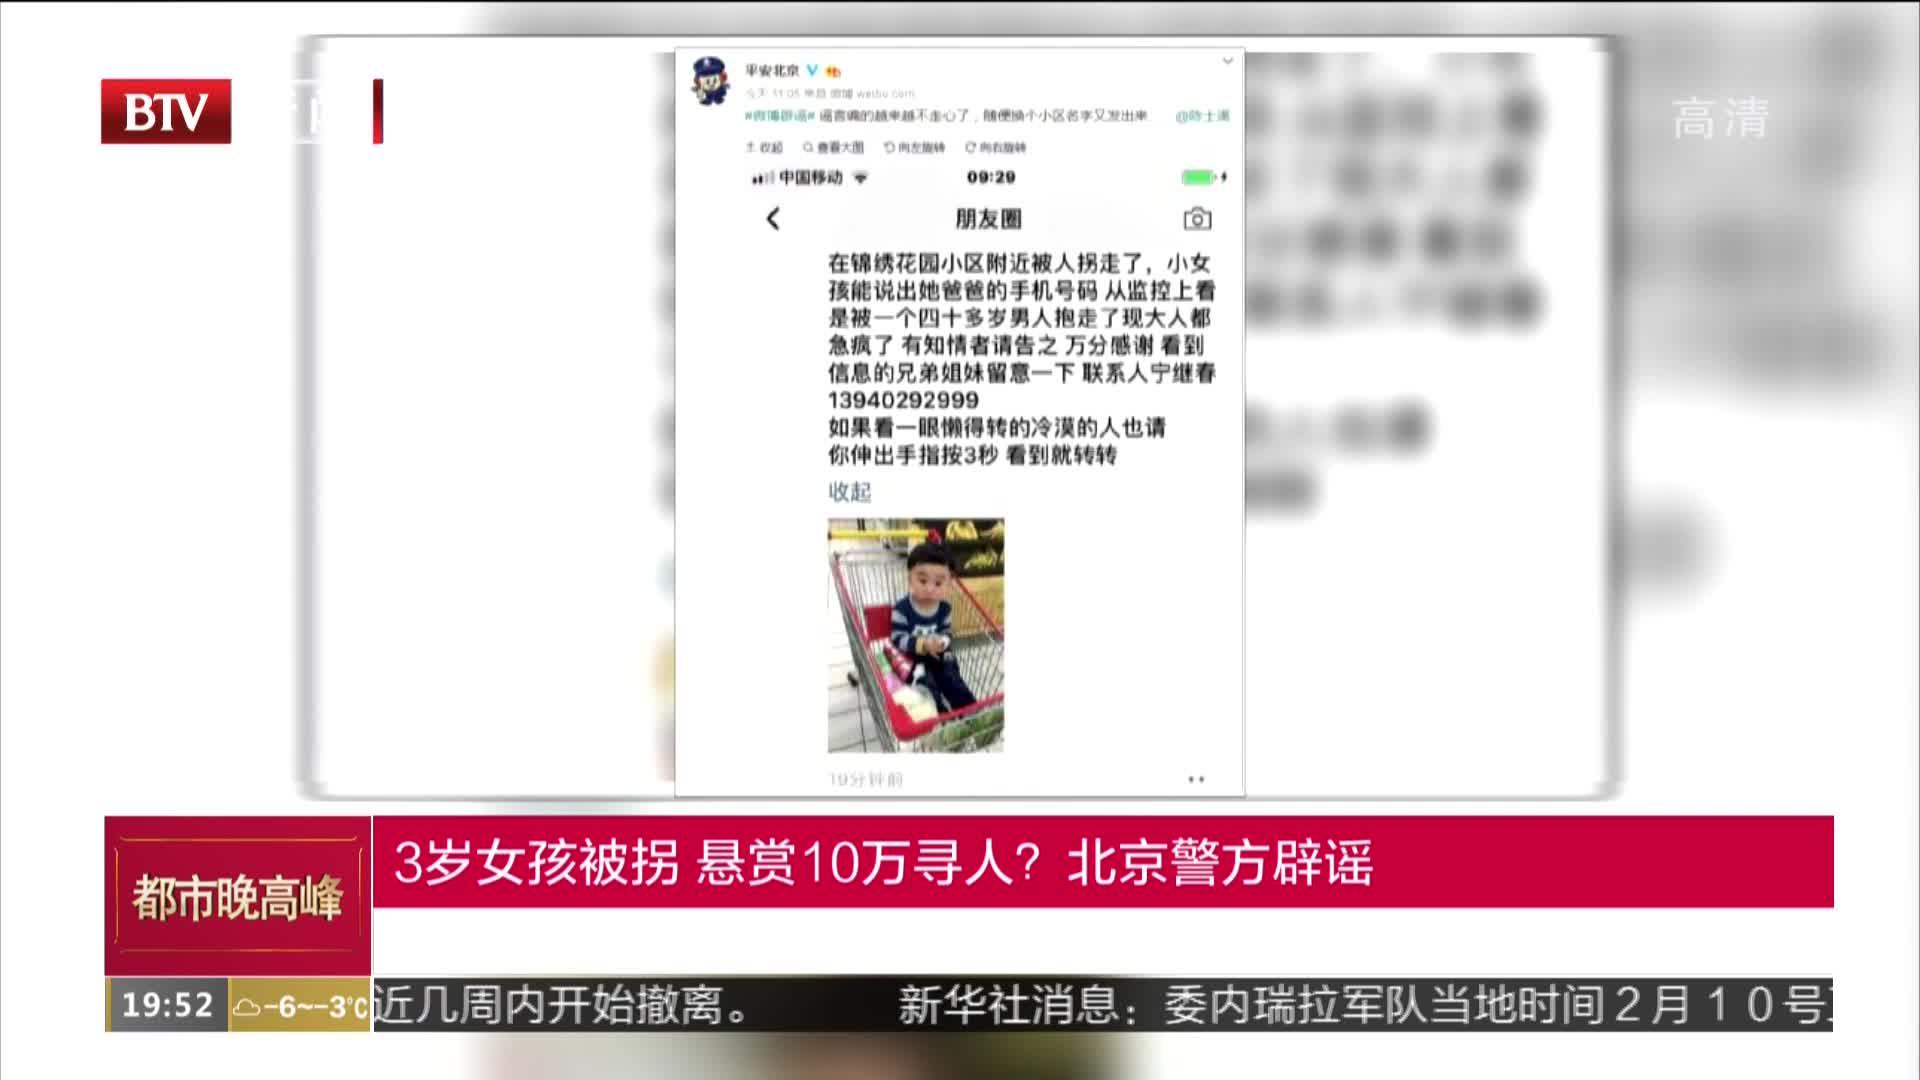 [视频]3岁女孩被拐悬赏10万寻人?北京警方辟谣